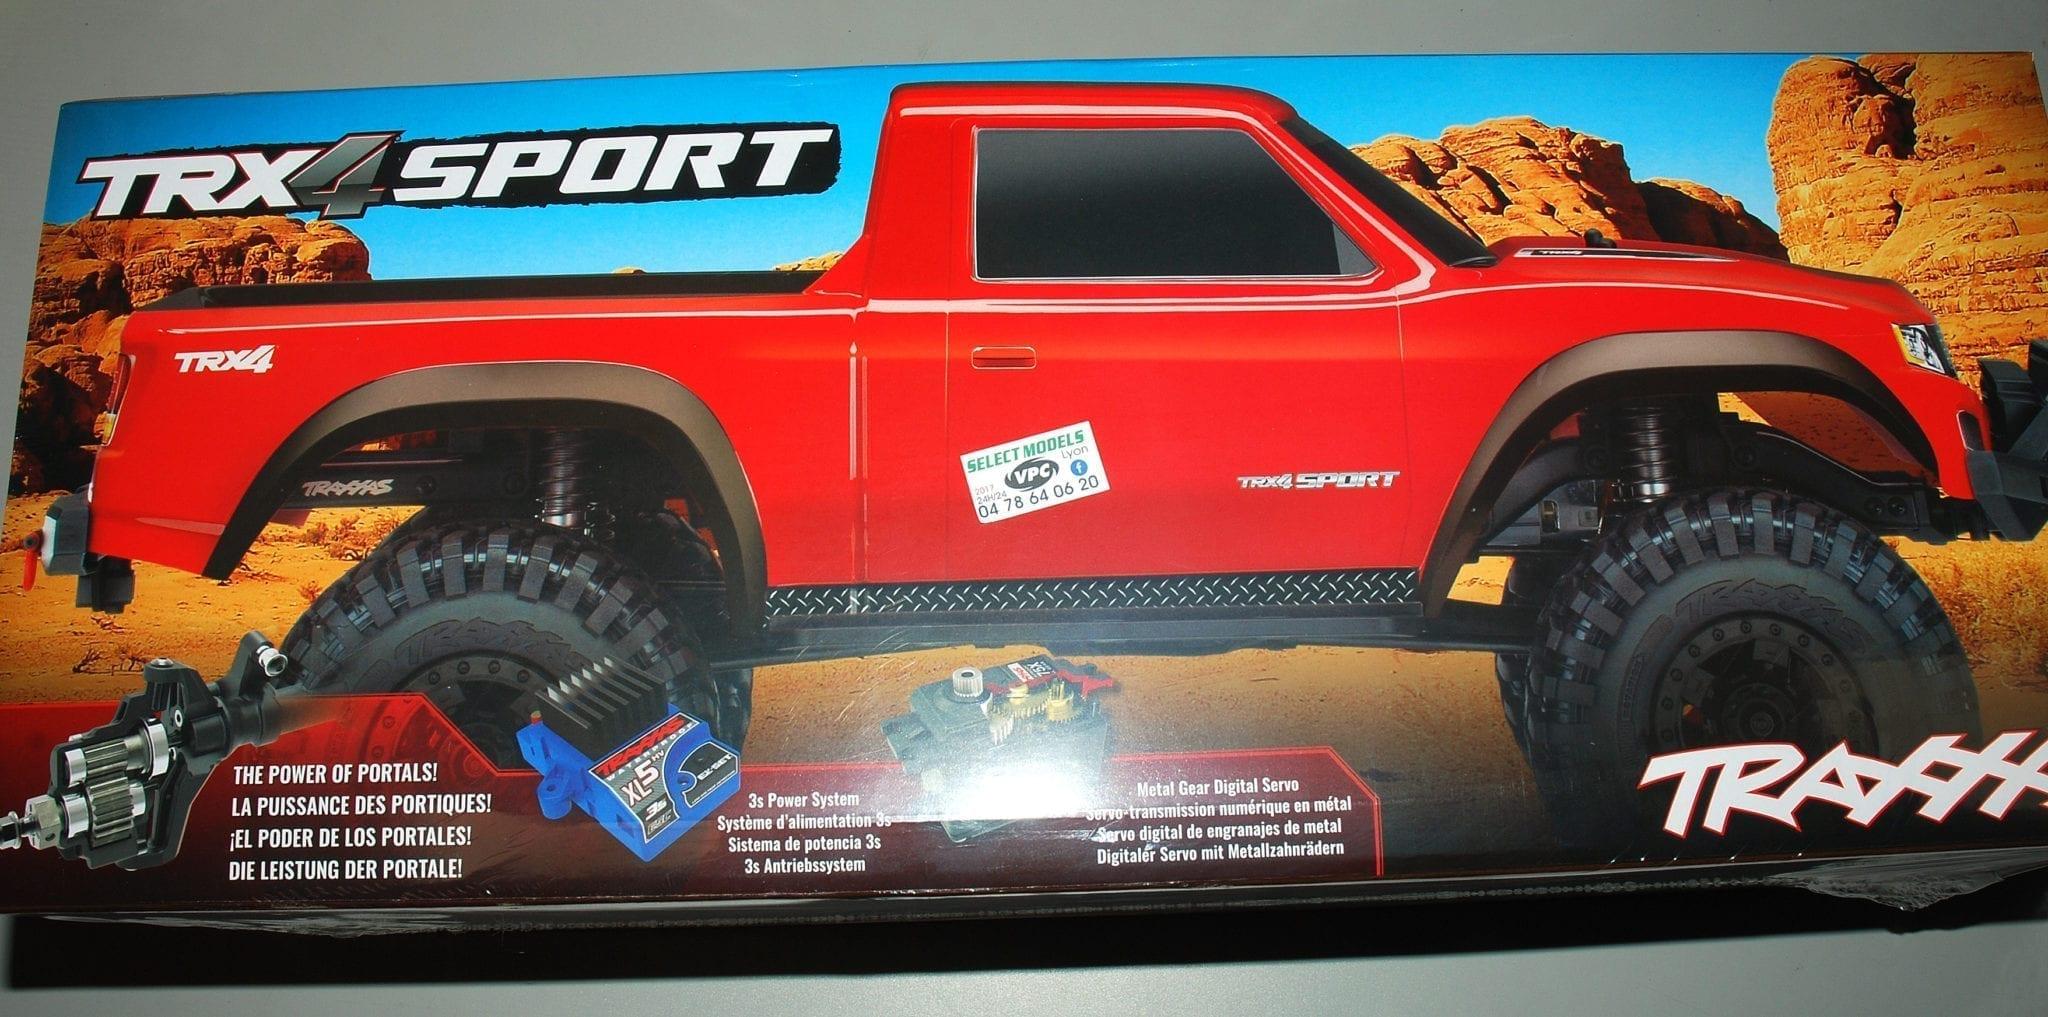 Trx 4 Sport Traxxas